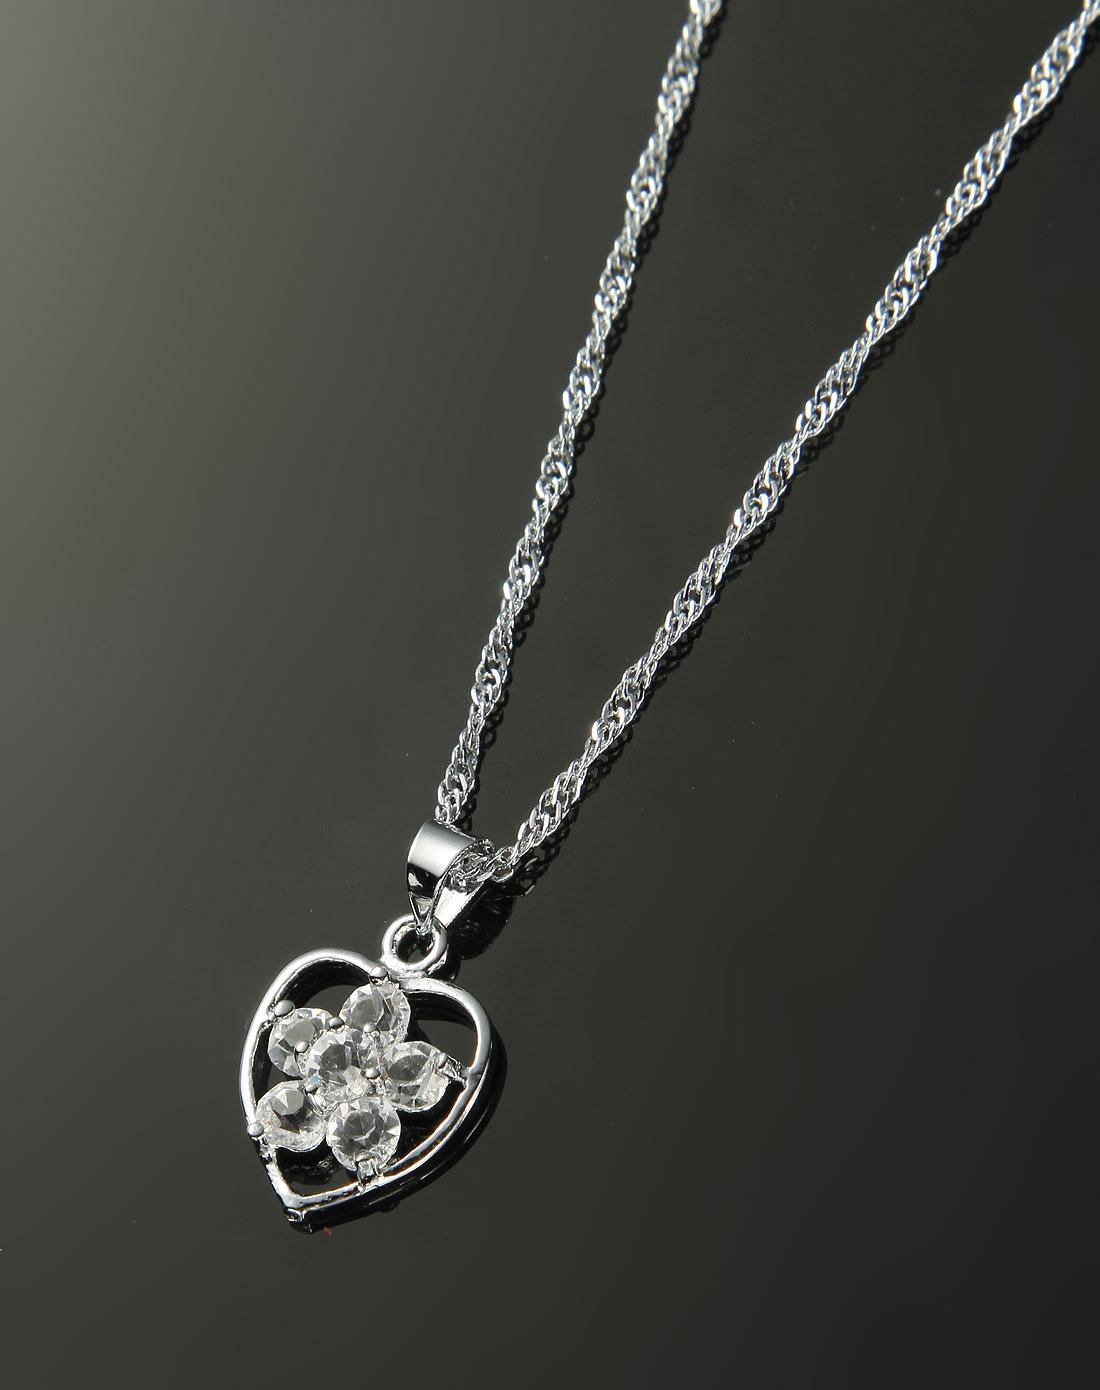 白色时尚心形项链